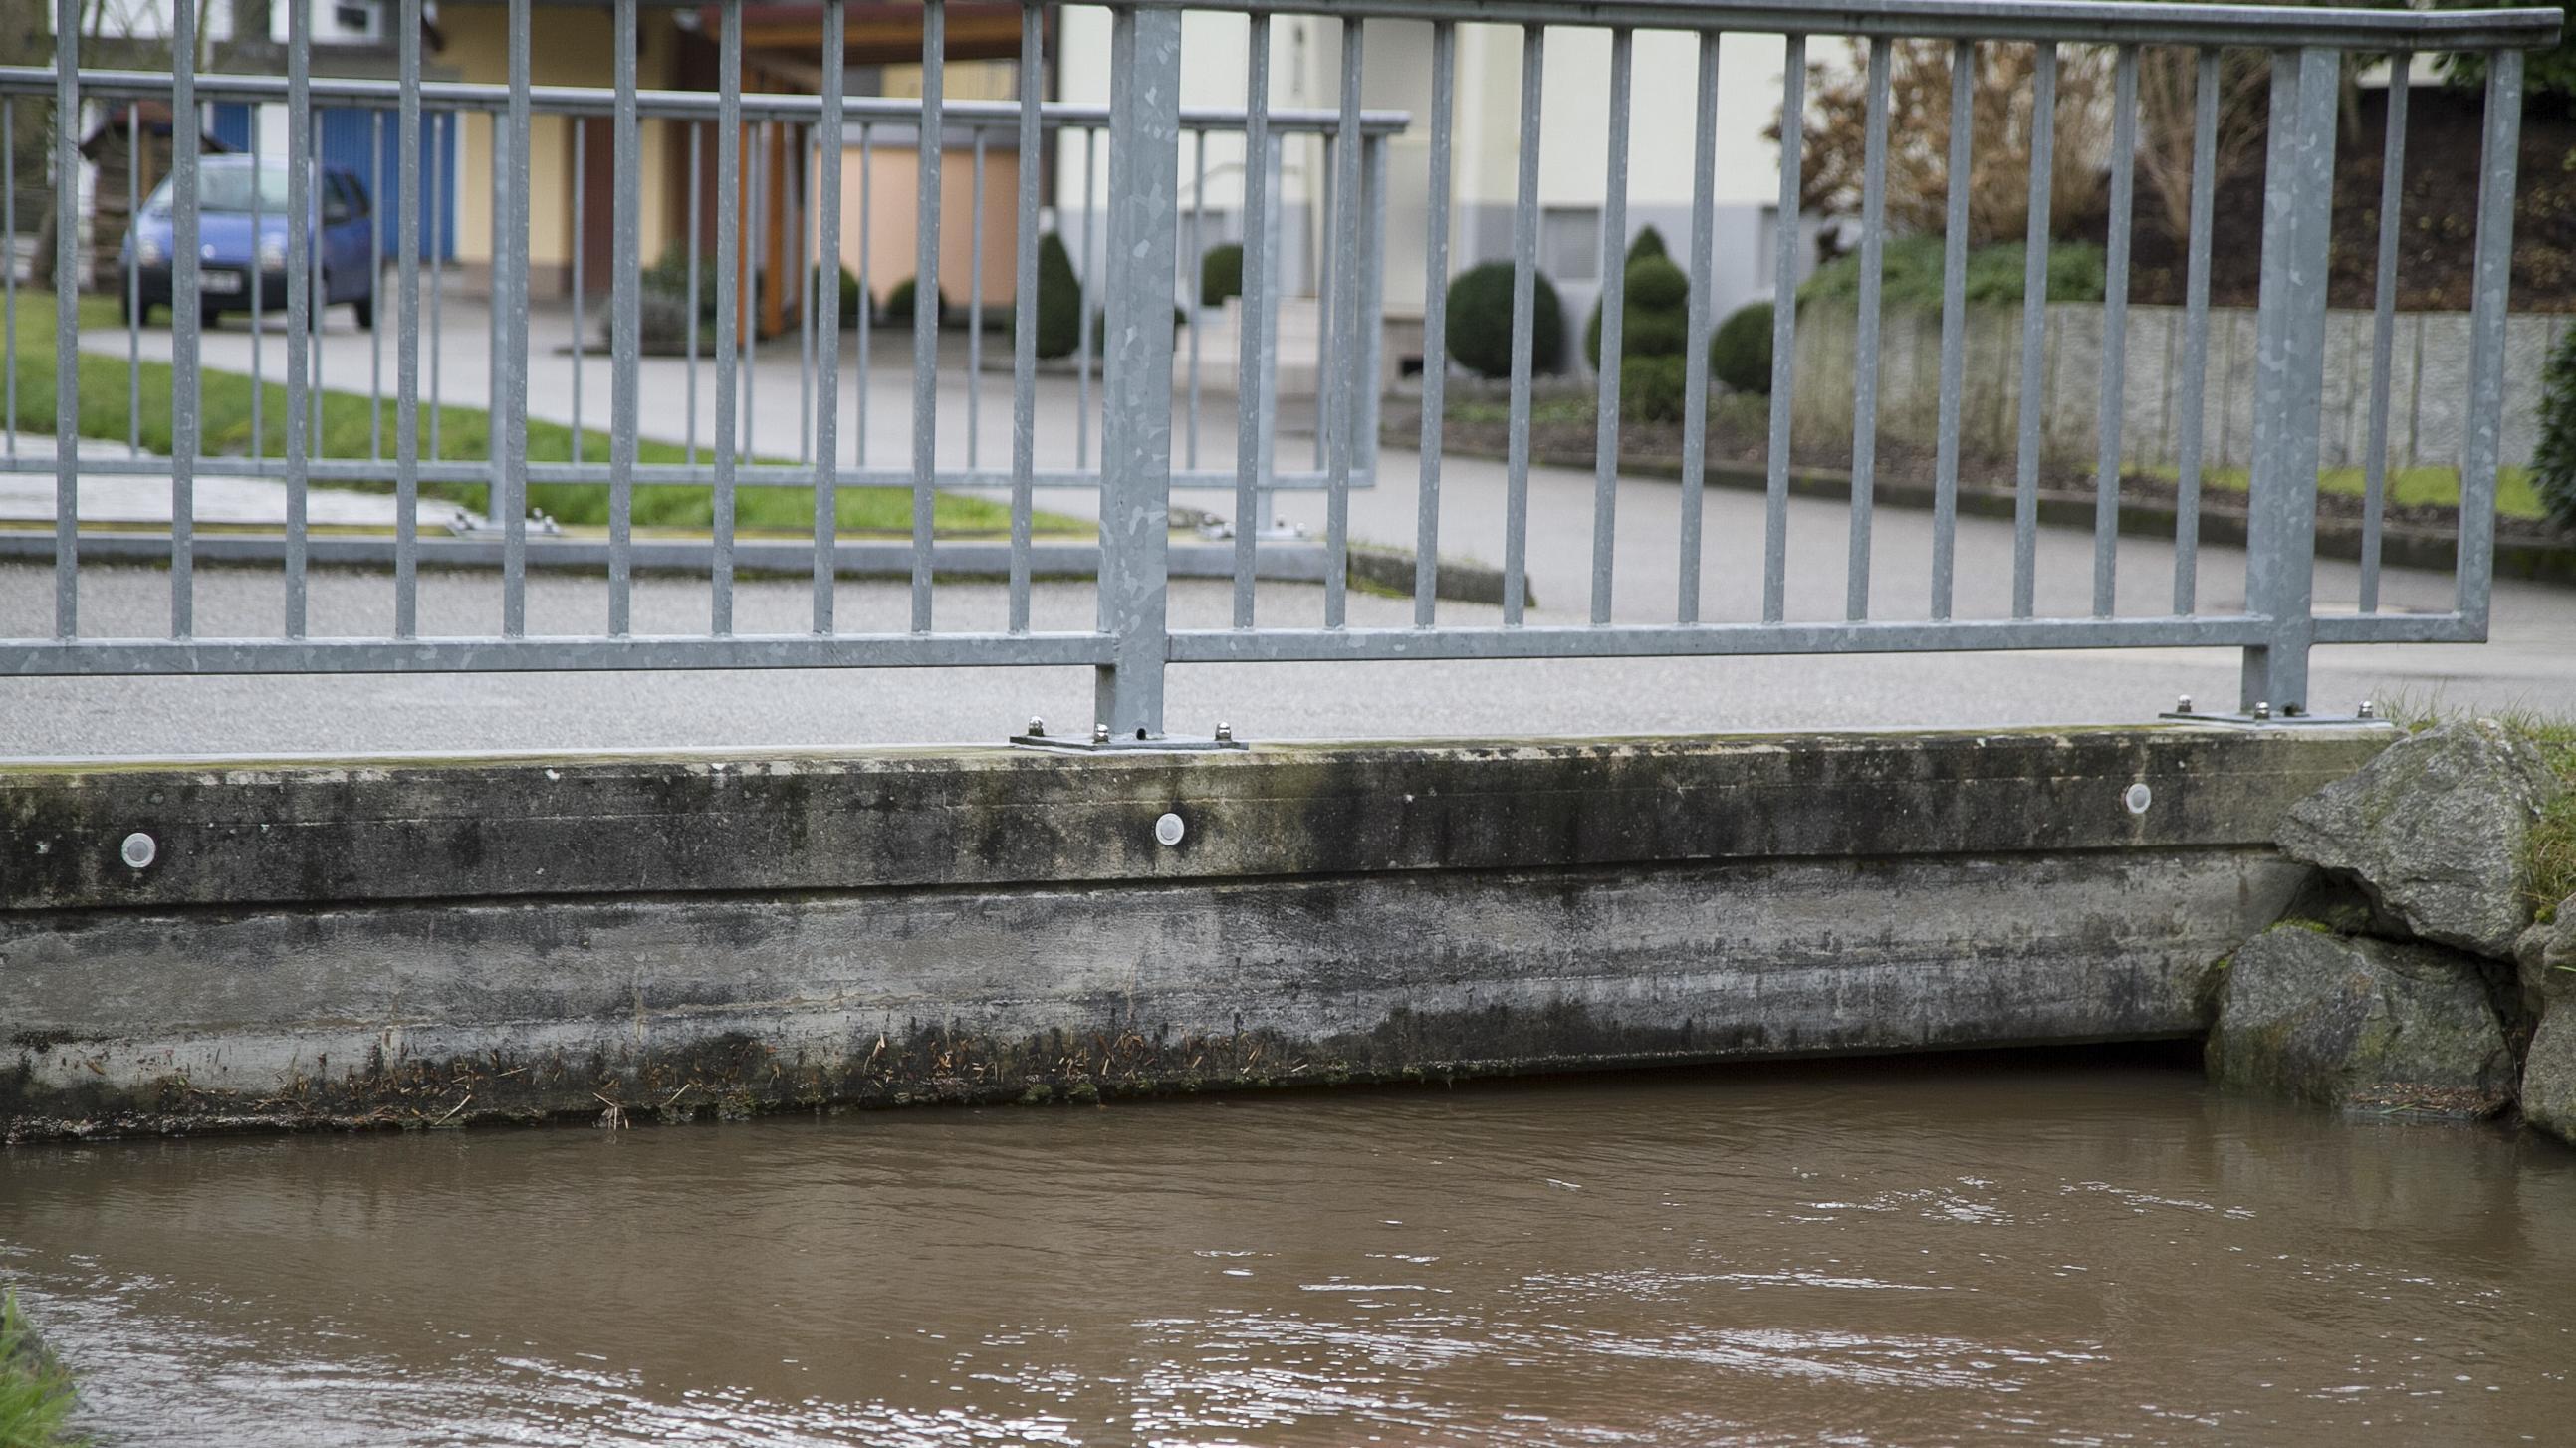 Wasser fließt knapp unter einer Brücke hindurch (Symbolbild Hochwasser)